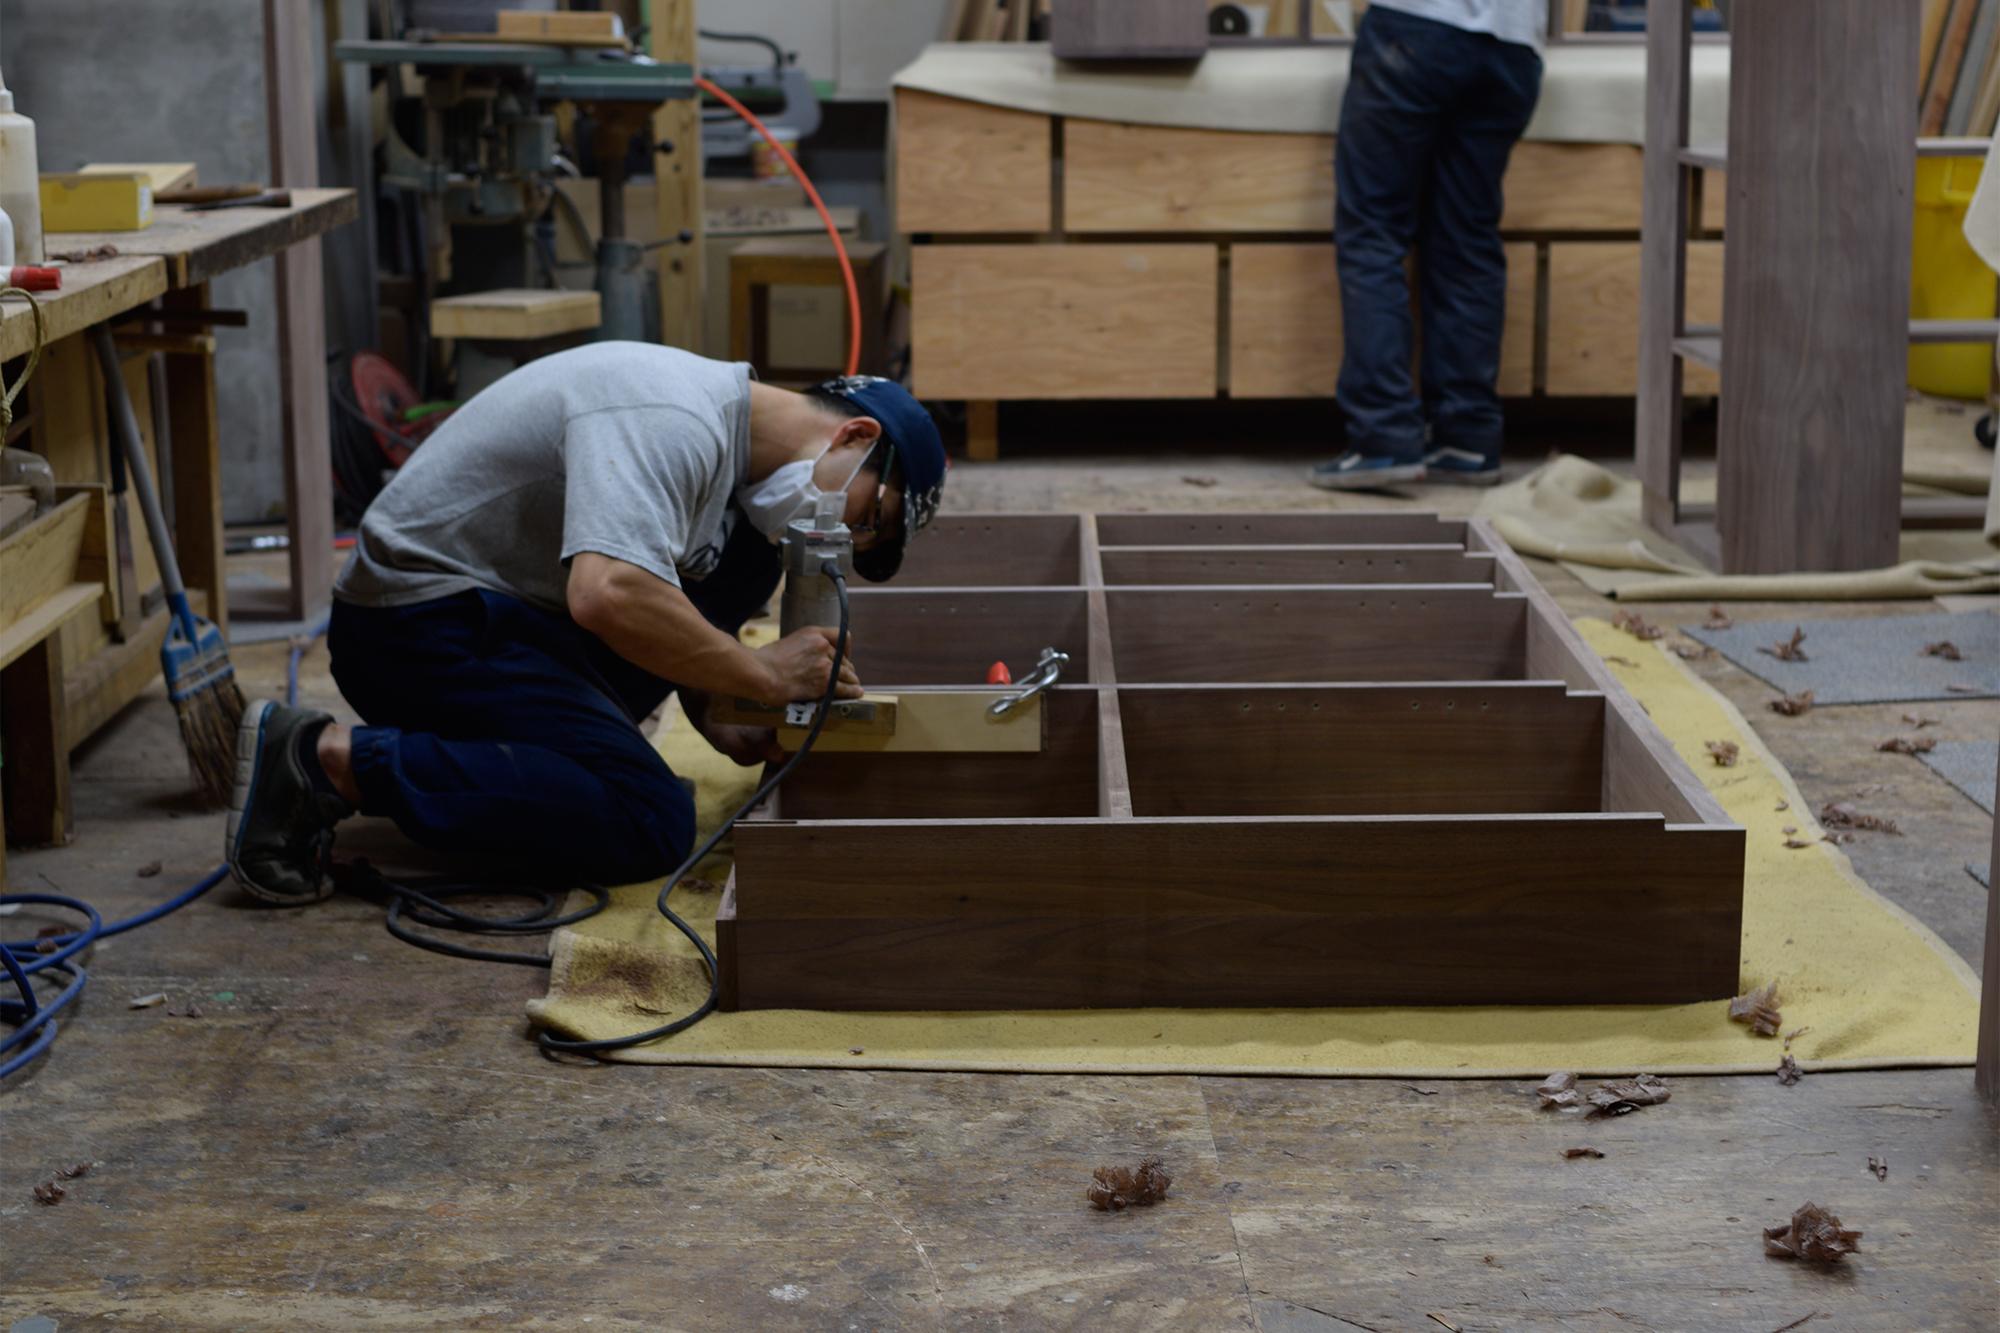 TANA 収納 棚 本棚 可動棚 オーダー 家具 ウォールナット